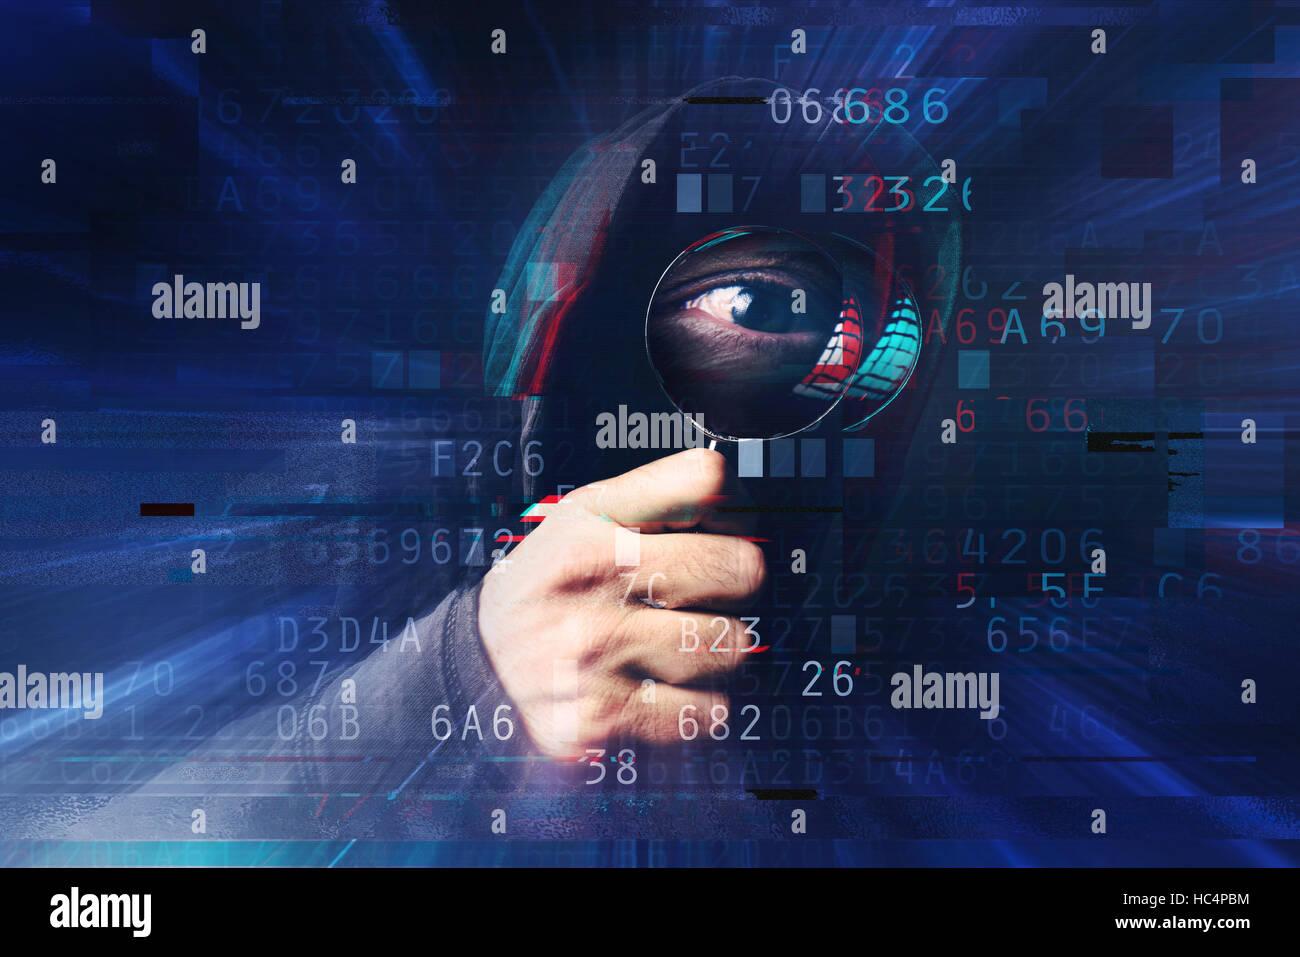 El spyware y el concepto con el ransomware glitch efecto digital, spooky hooded hacker con lupa robo de identidad Imagen De Stock